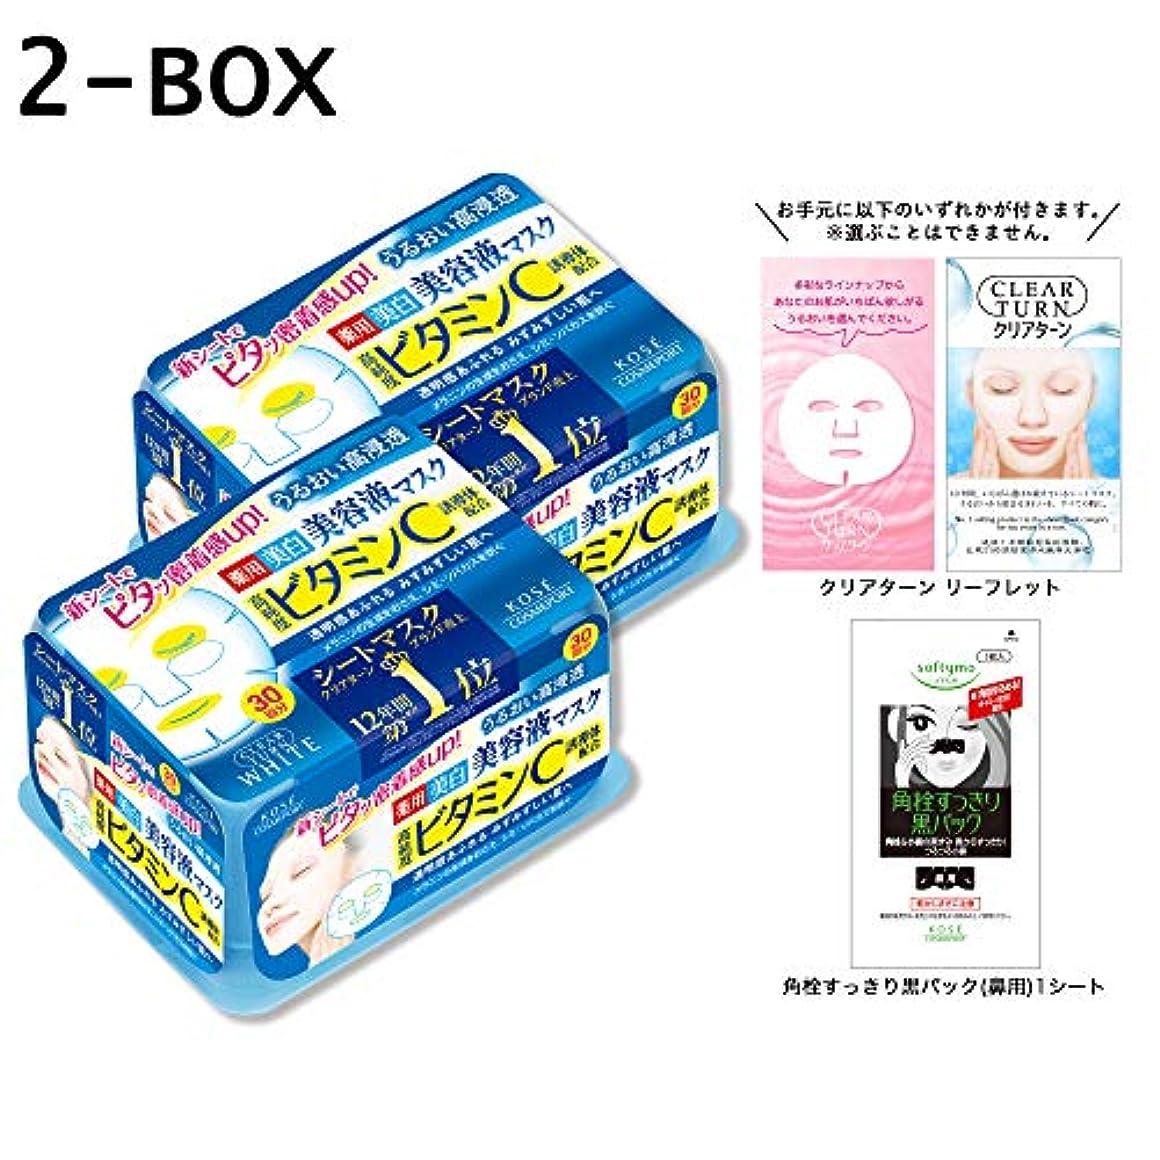 音楽トレースなめる【Amazon.co.jp限定】KOSE クリアターン エッセンスマスク (ビタミンC) 30回 2P+おまけ フェイスマスク (医薬部外品)